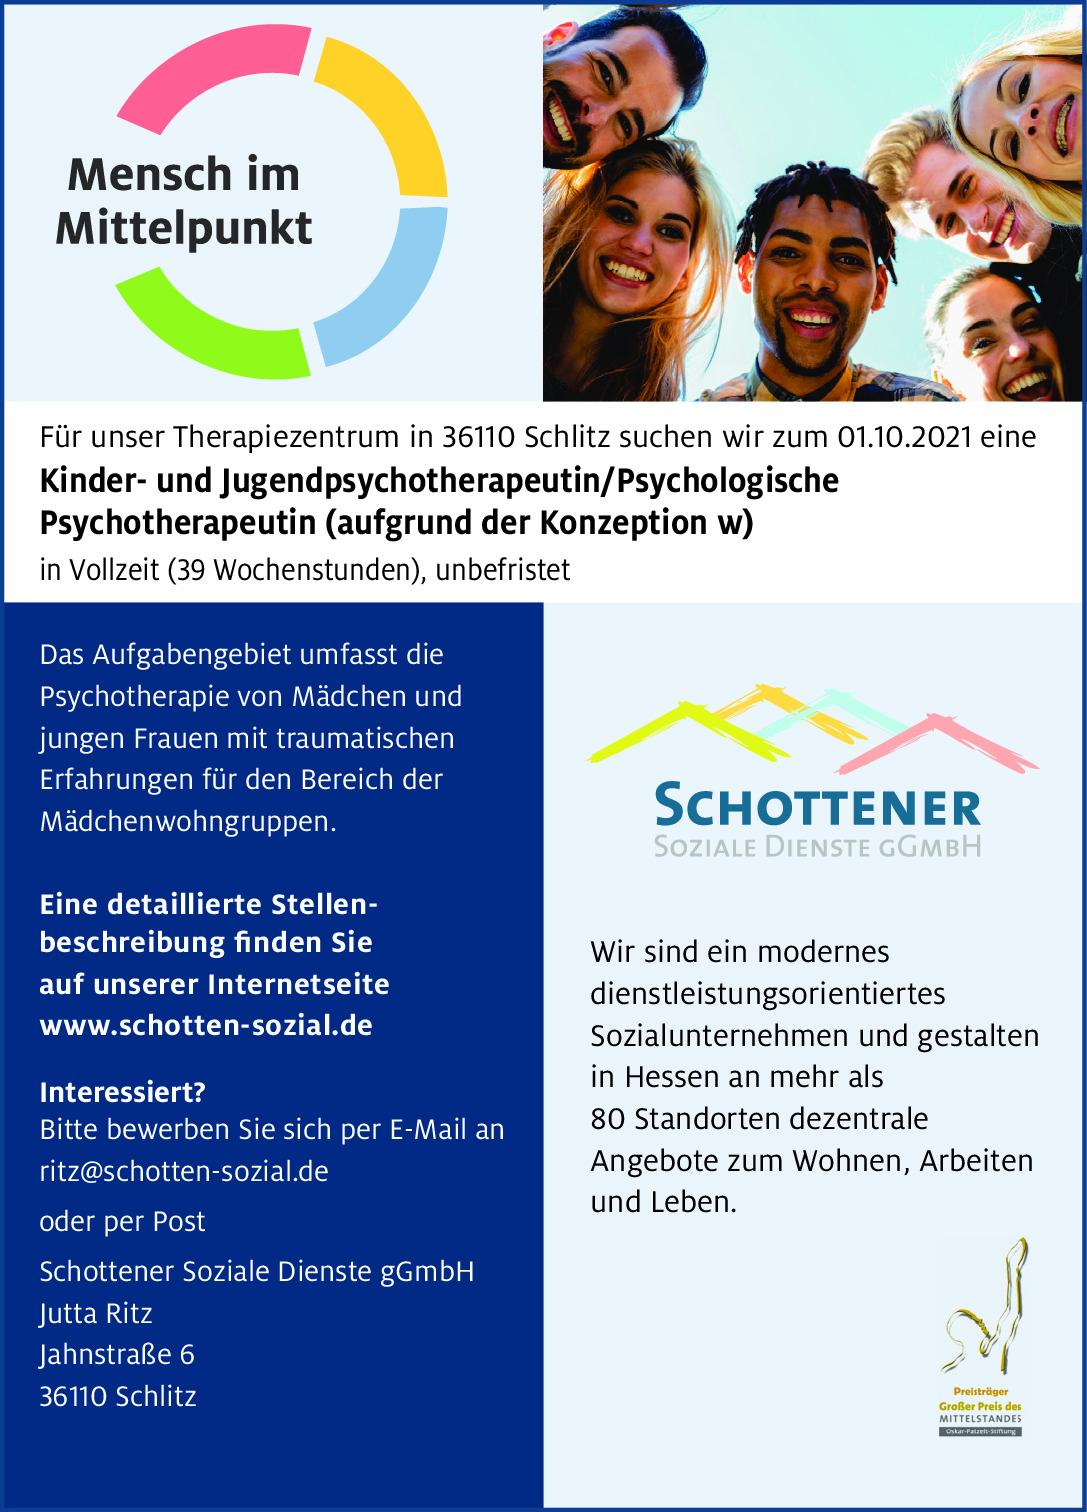 Kinder- und Jugendpsychotherapeutin/